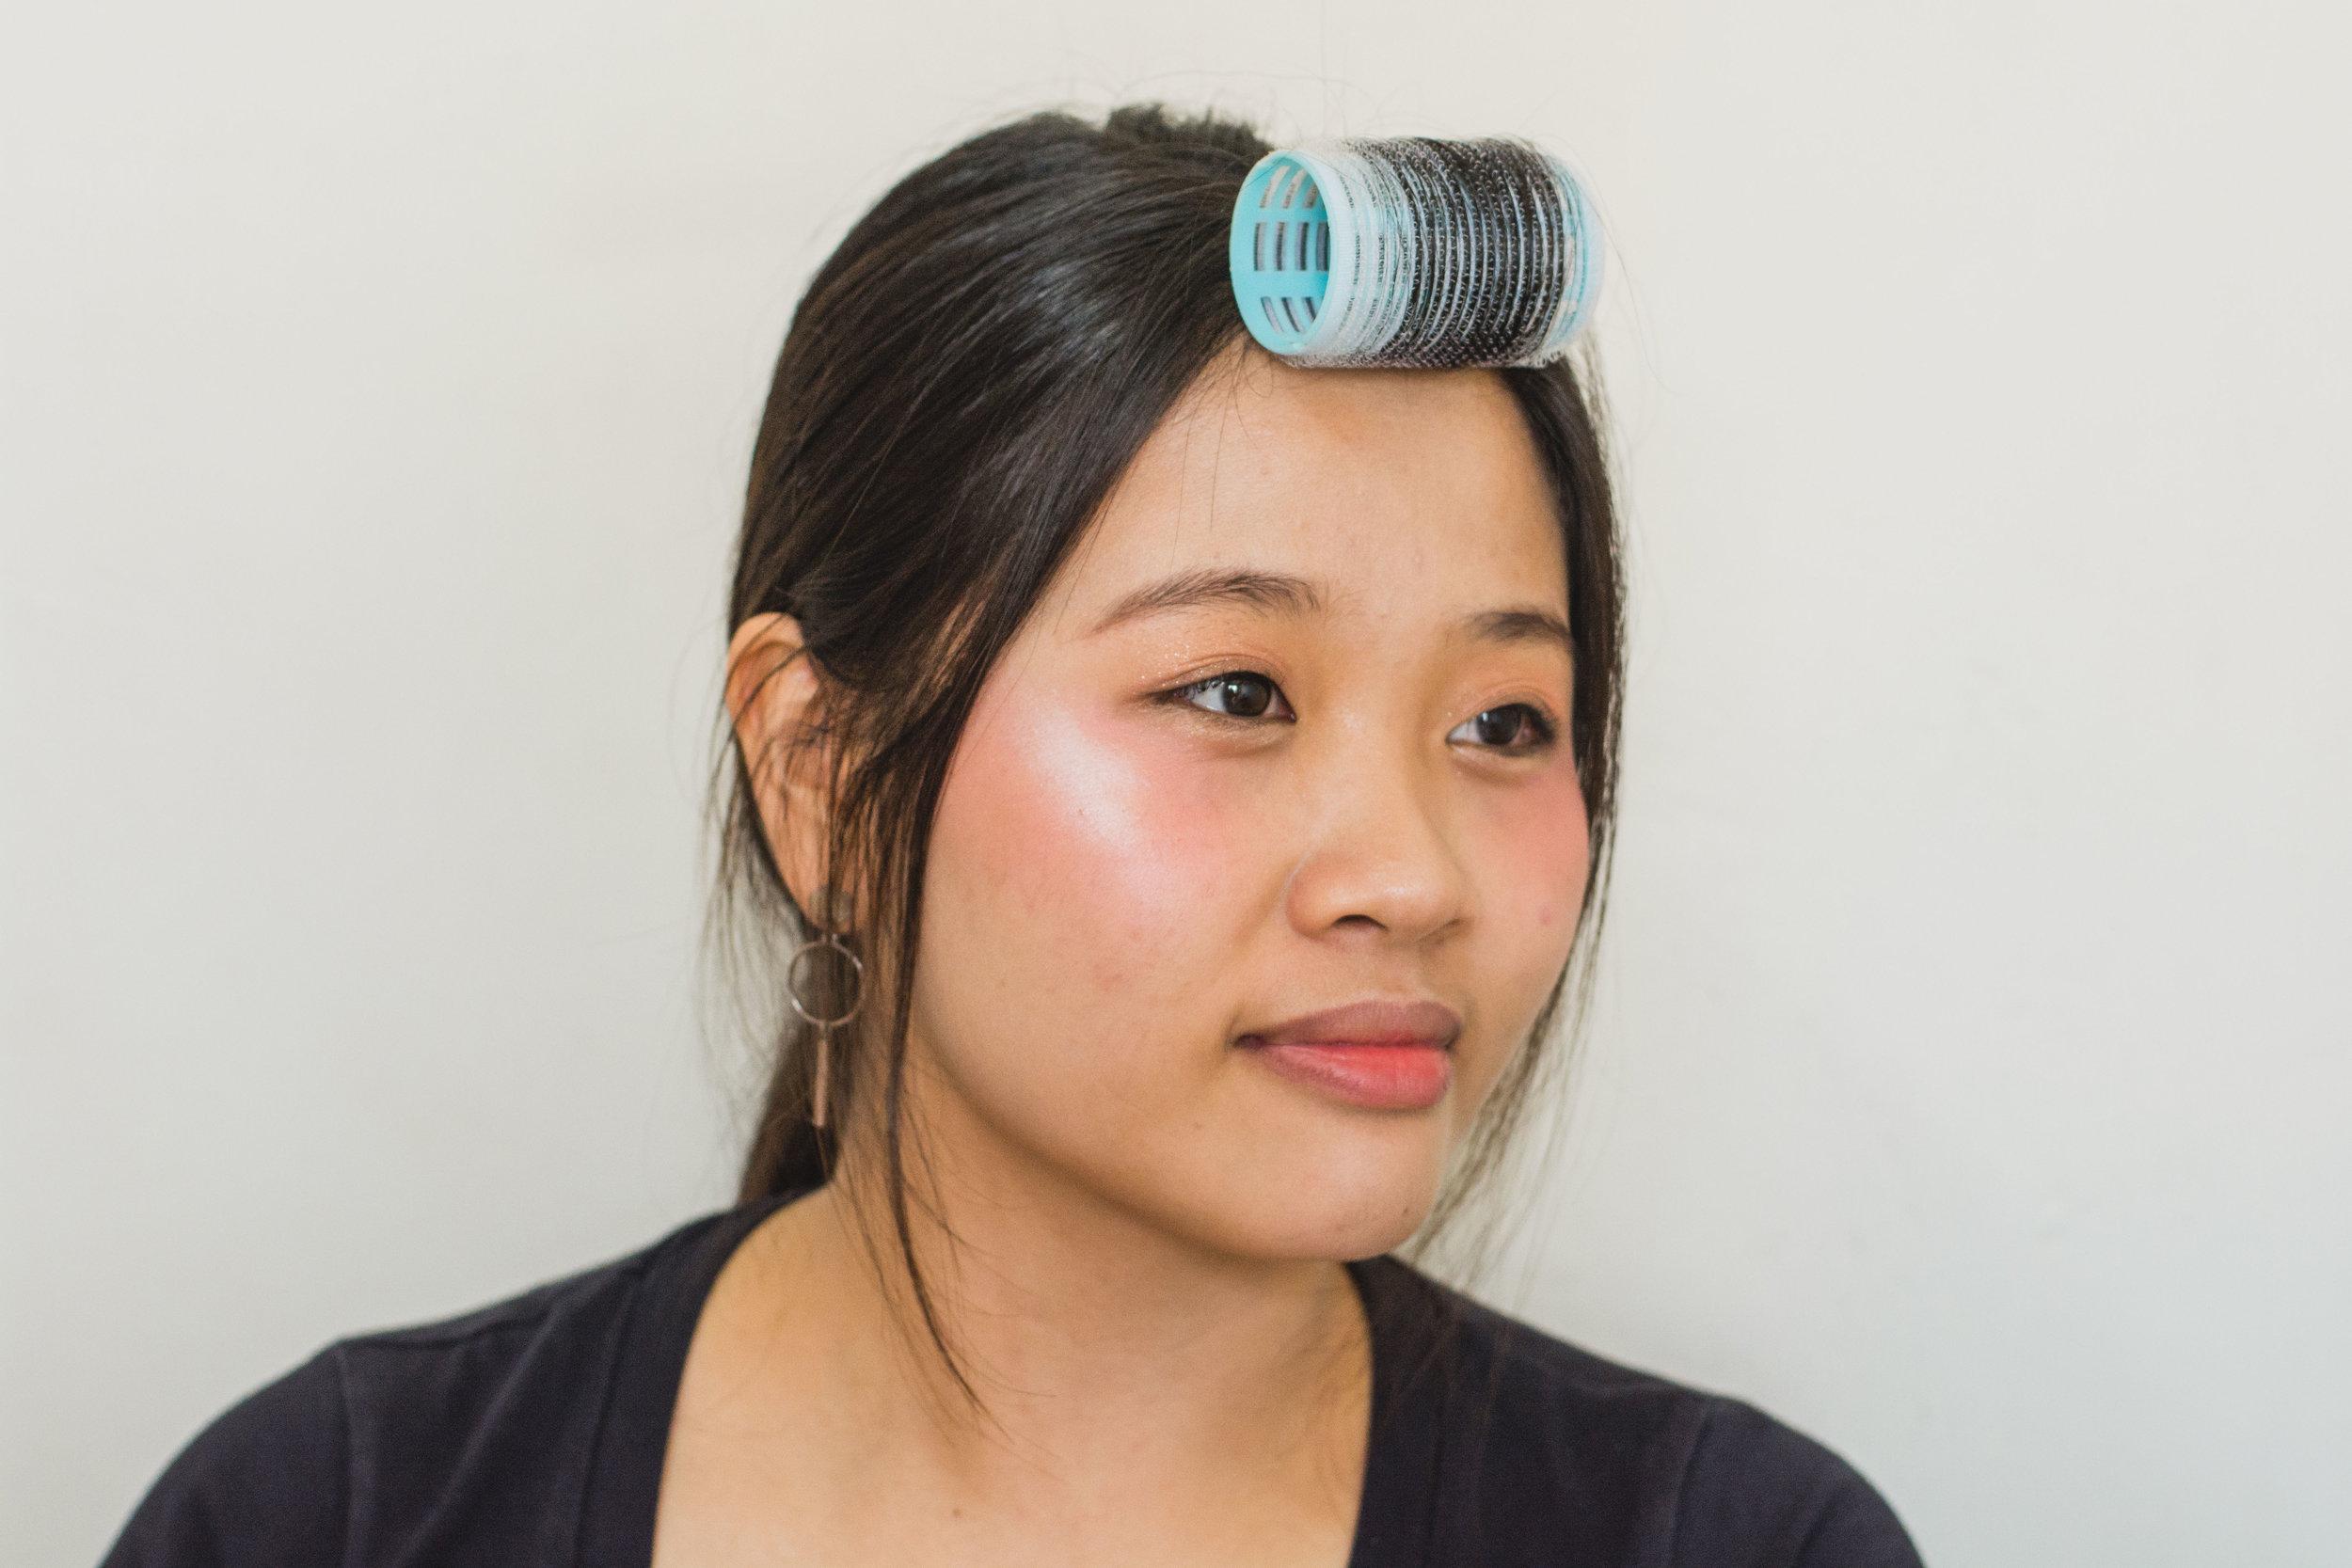 Canmake-full-face-makeup_eye-base-highlighter-juicy-glow-skin-base-mermaid-sun-gel-UV-juicy-lady-liquid-cheek-creamy-eyebrow-eyeshadow_review-philippines_2019_57.jpg